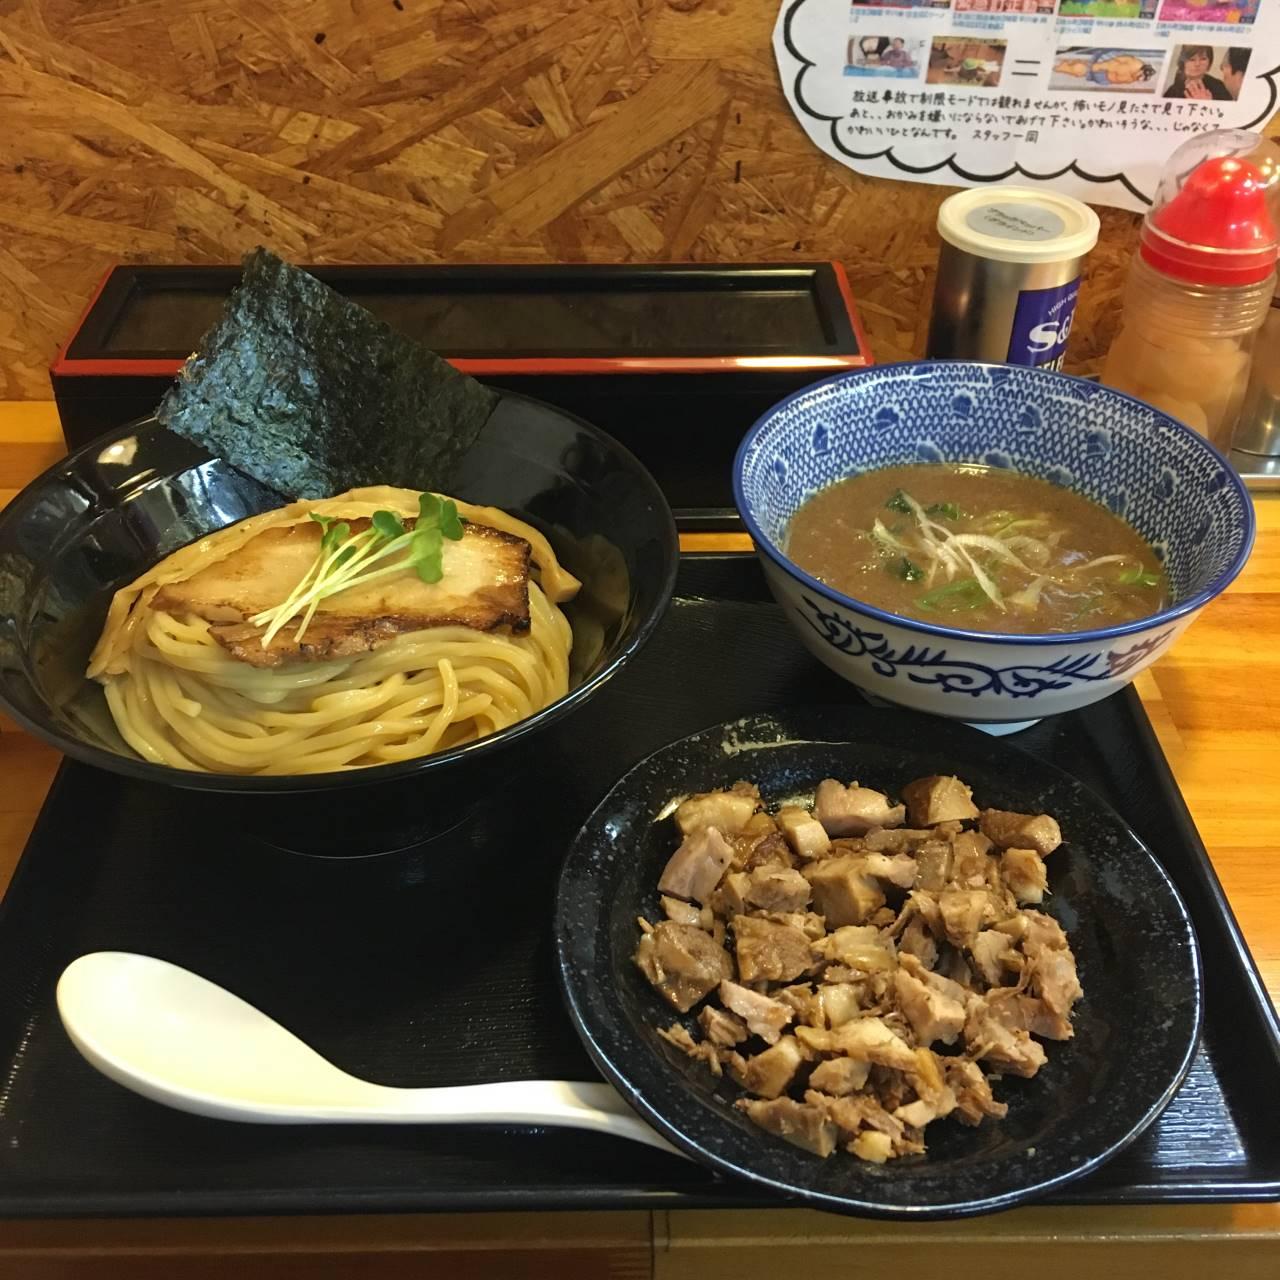 麺屋 頂 中川會のつけ麺とくずチャーシュー